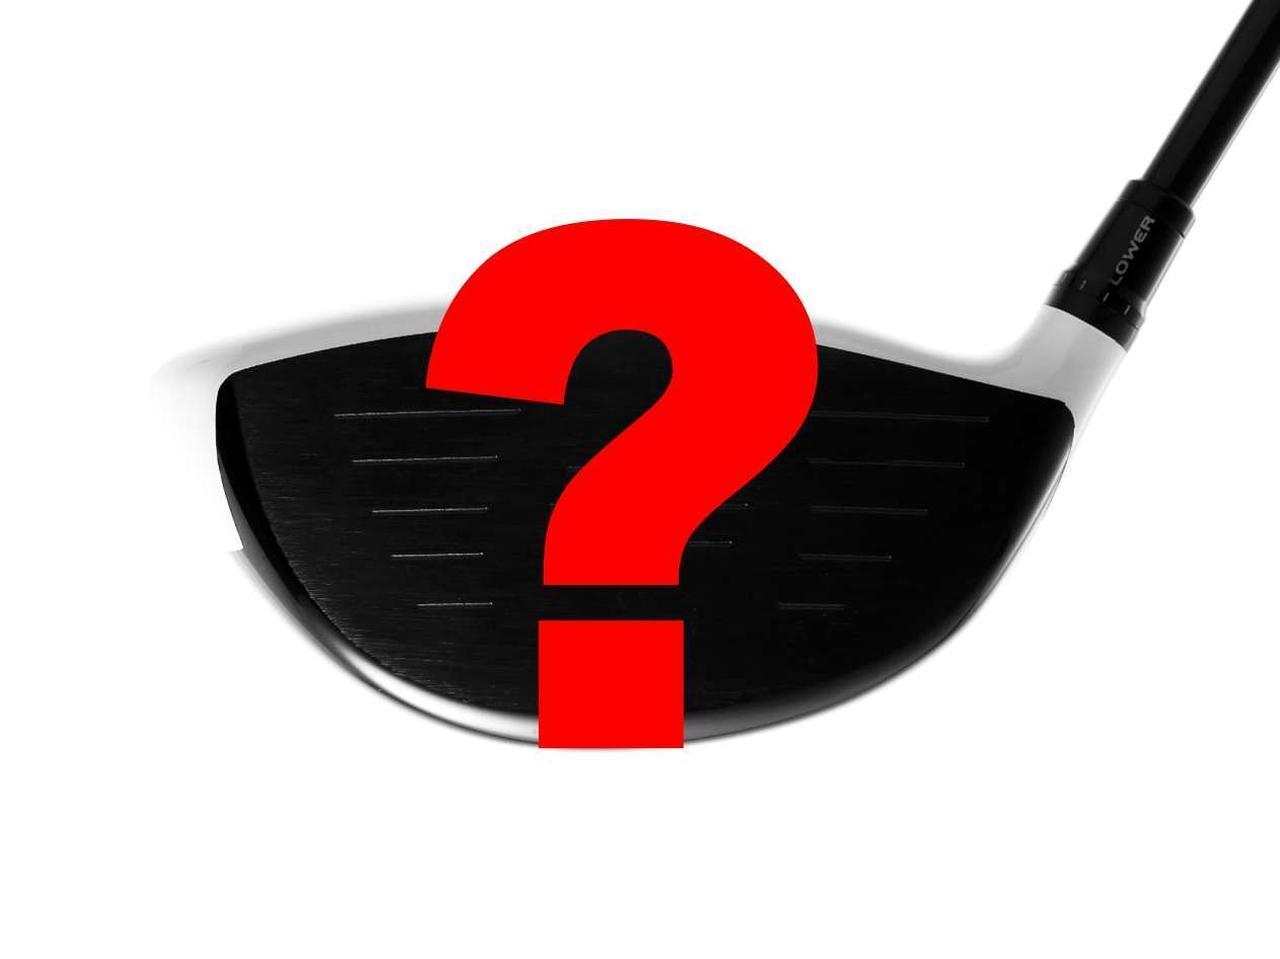 画像: 【ドライバー使用率】会社員競技アマ160人を調査。上位を独占した海外ブラントとは? 日経カップ企業対抗2018でチェック - ゴルフへ行こうWEB by ゴルフダイジェスト